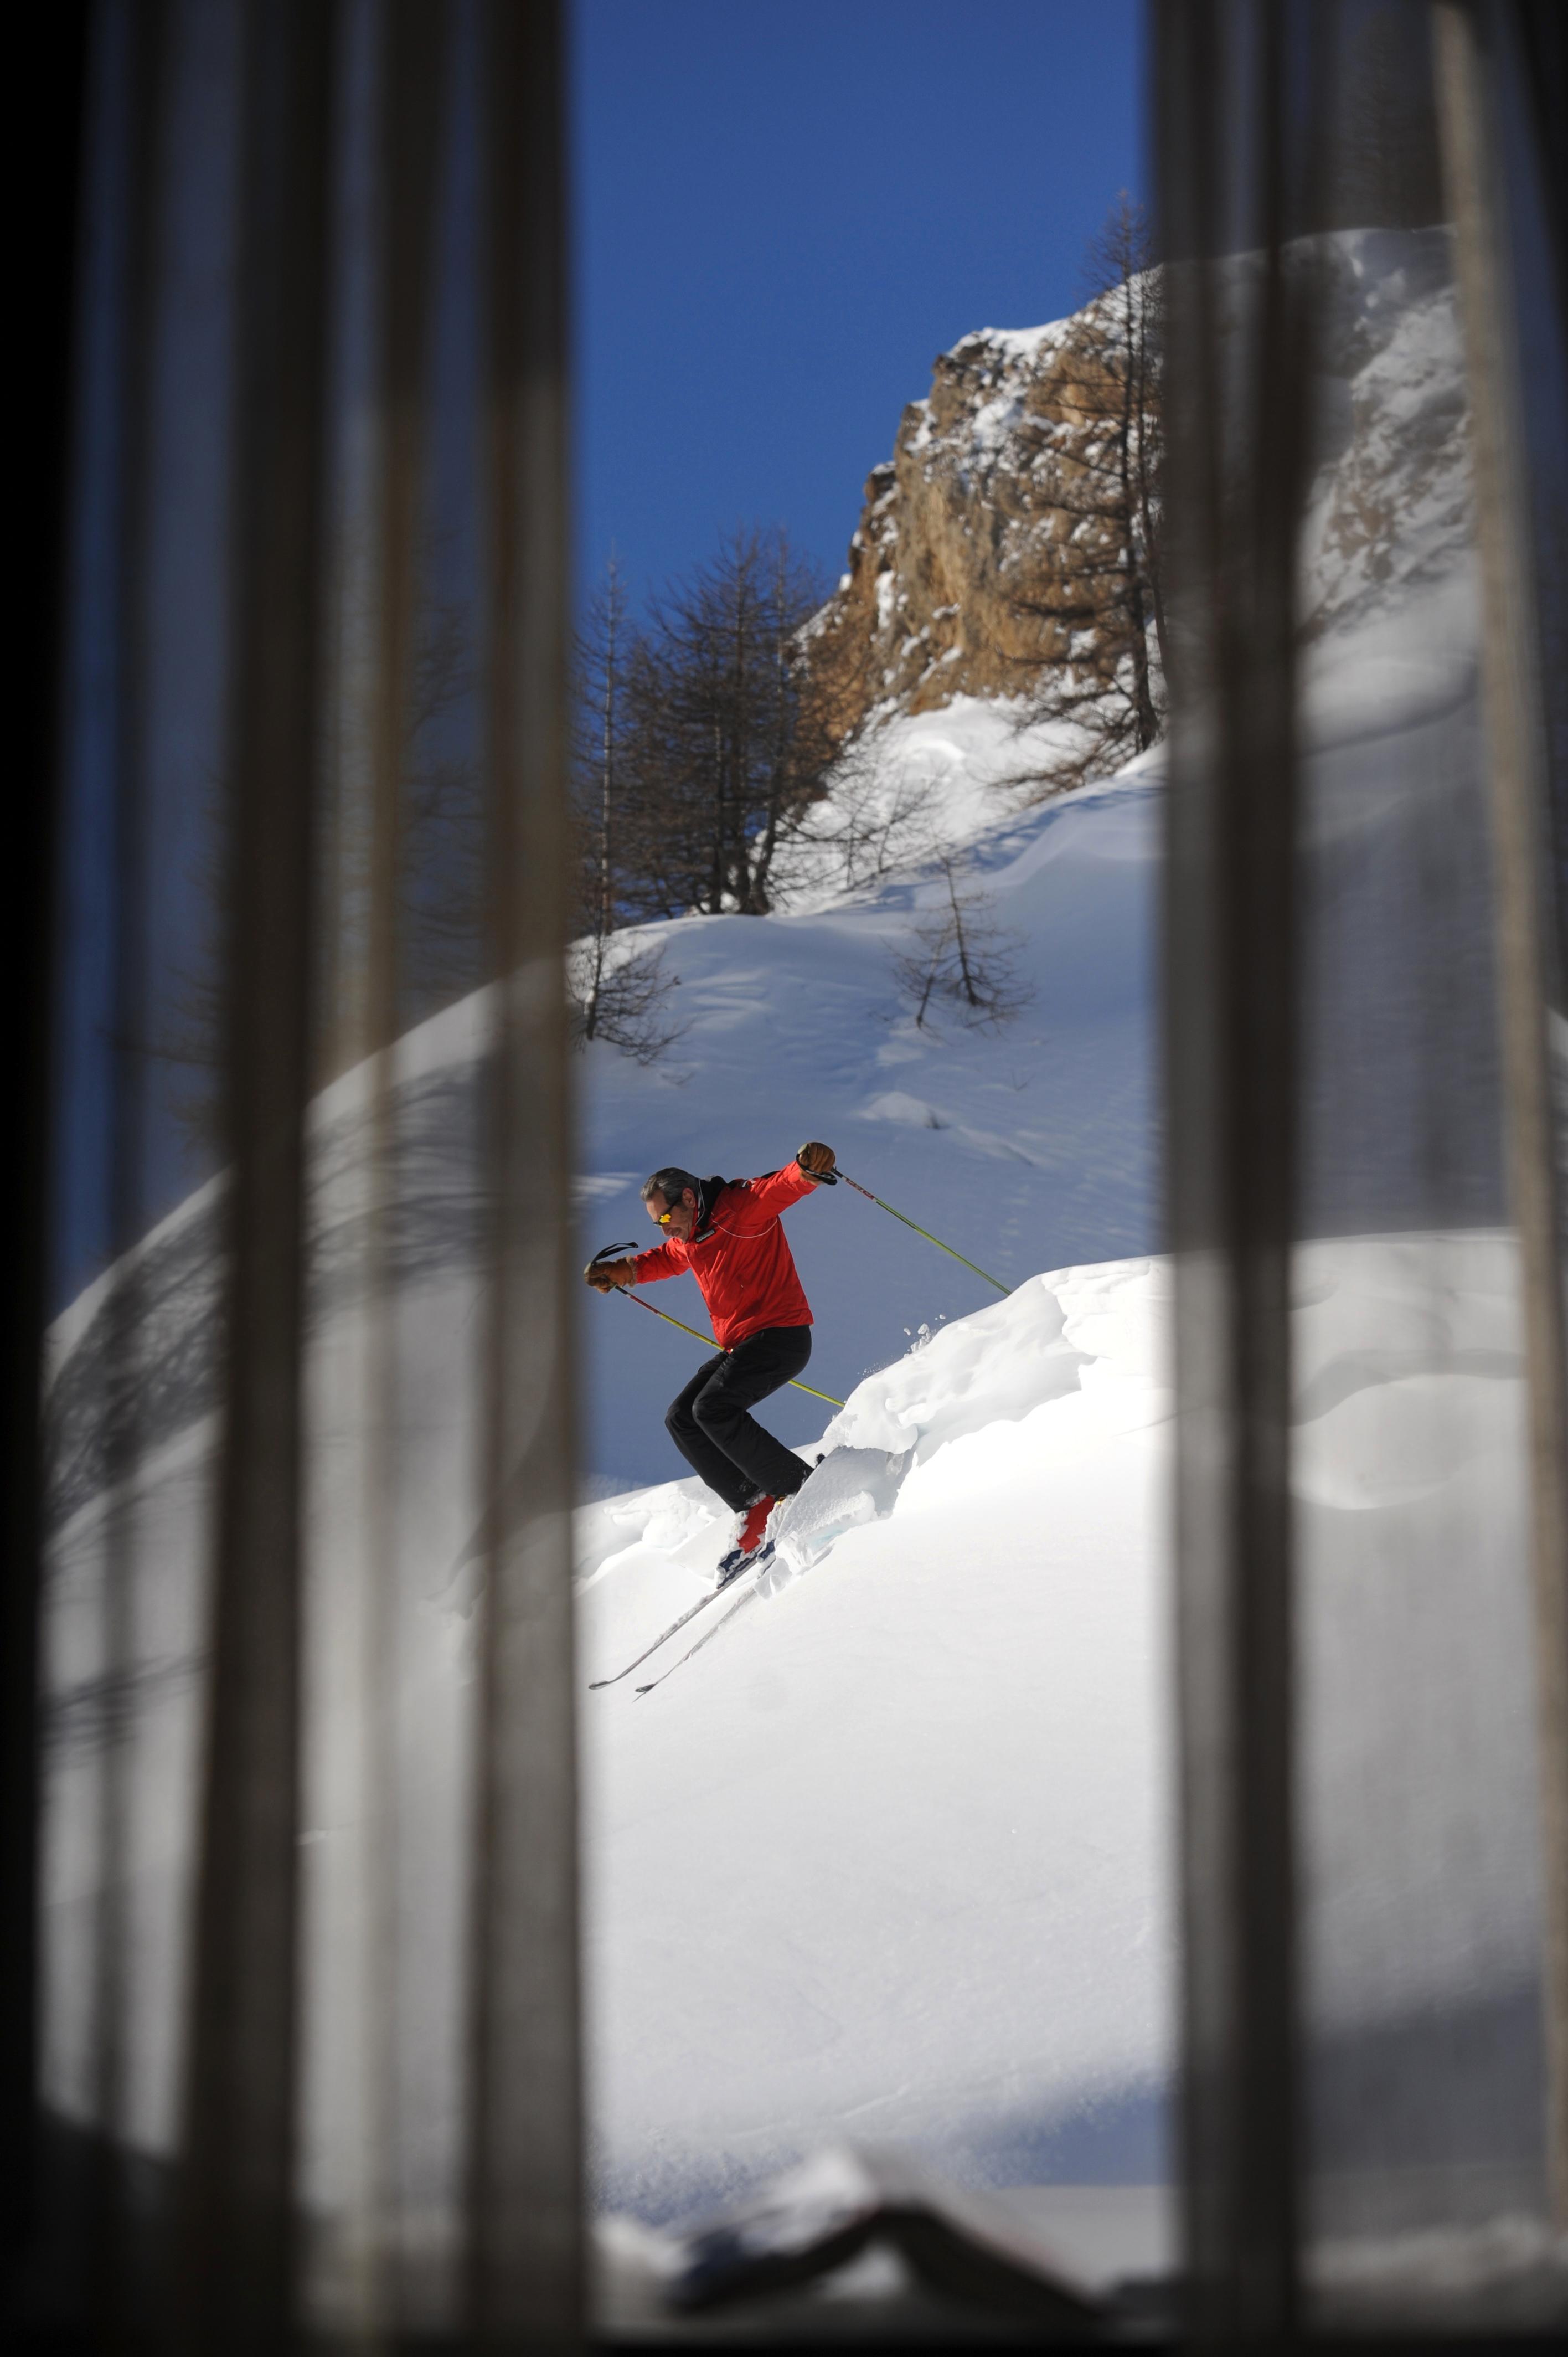 UP SNOW, La Thuile